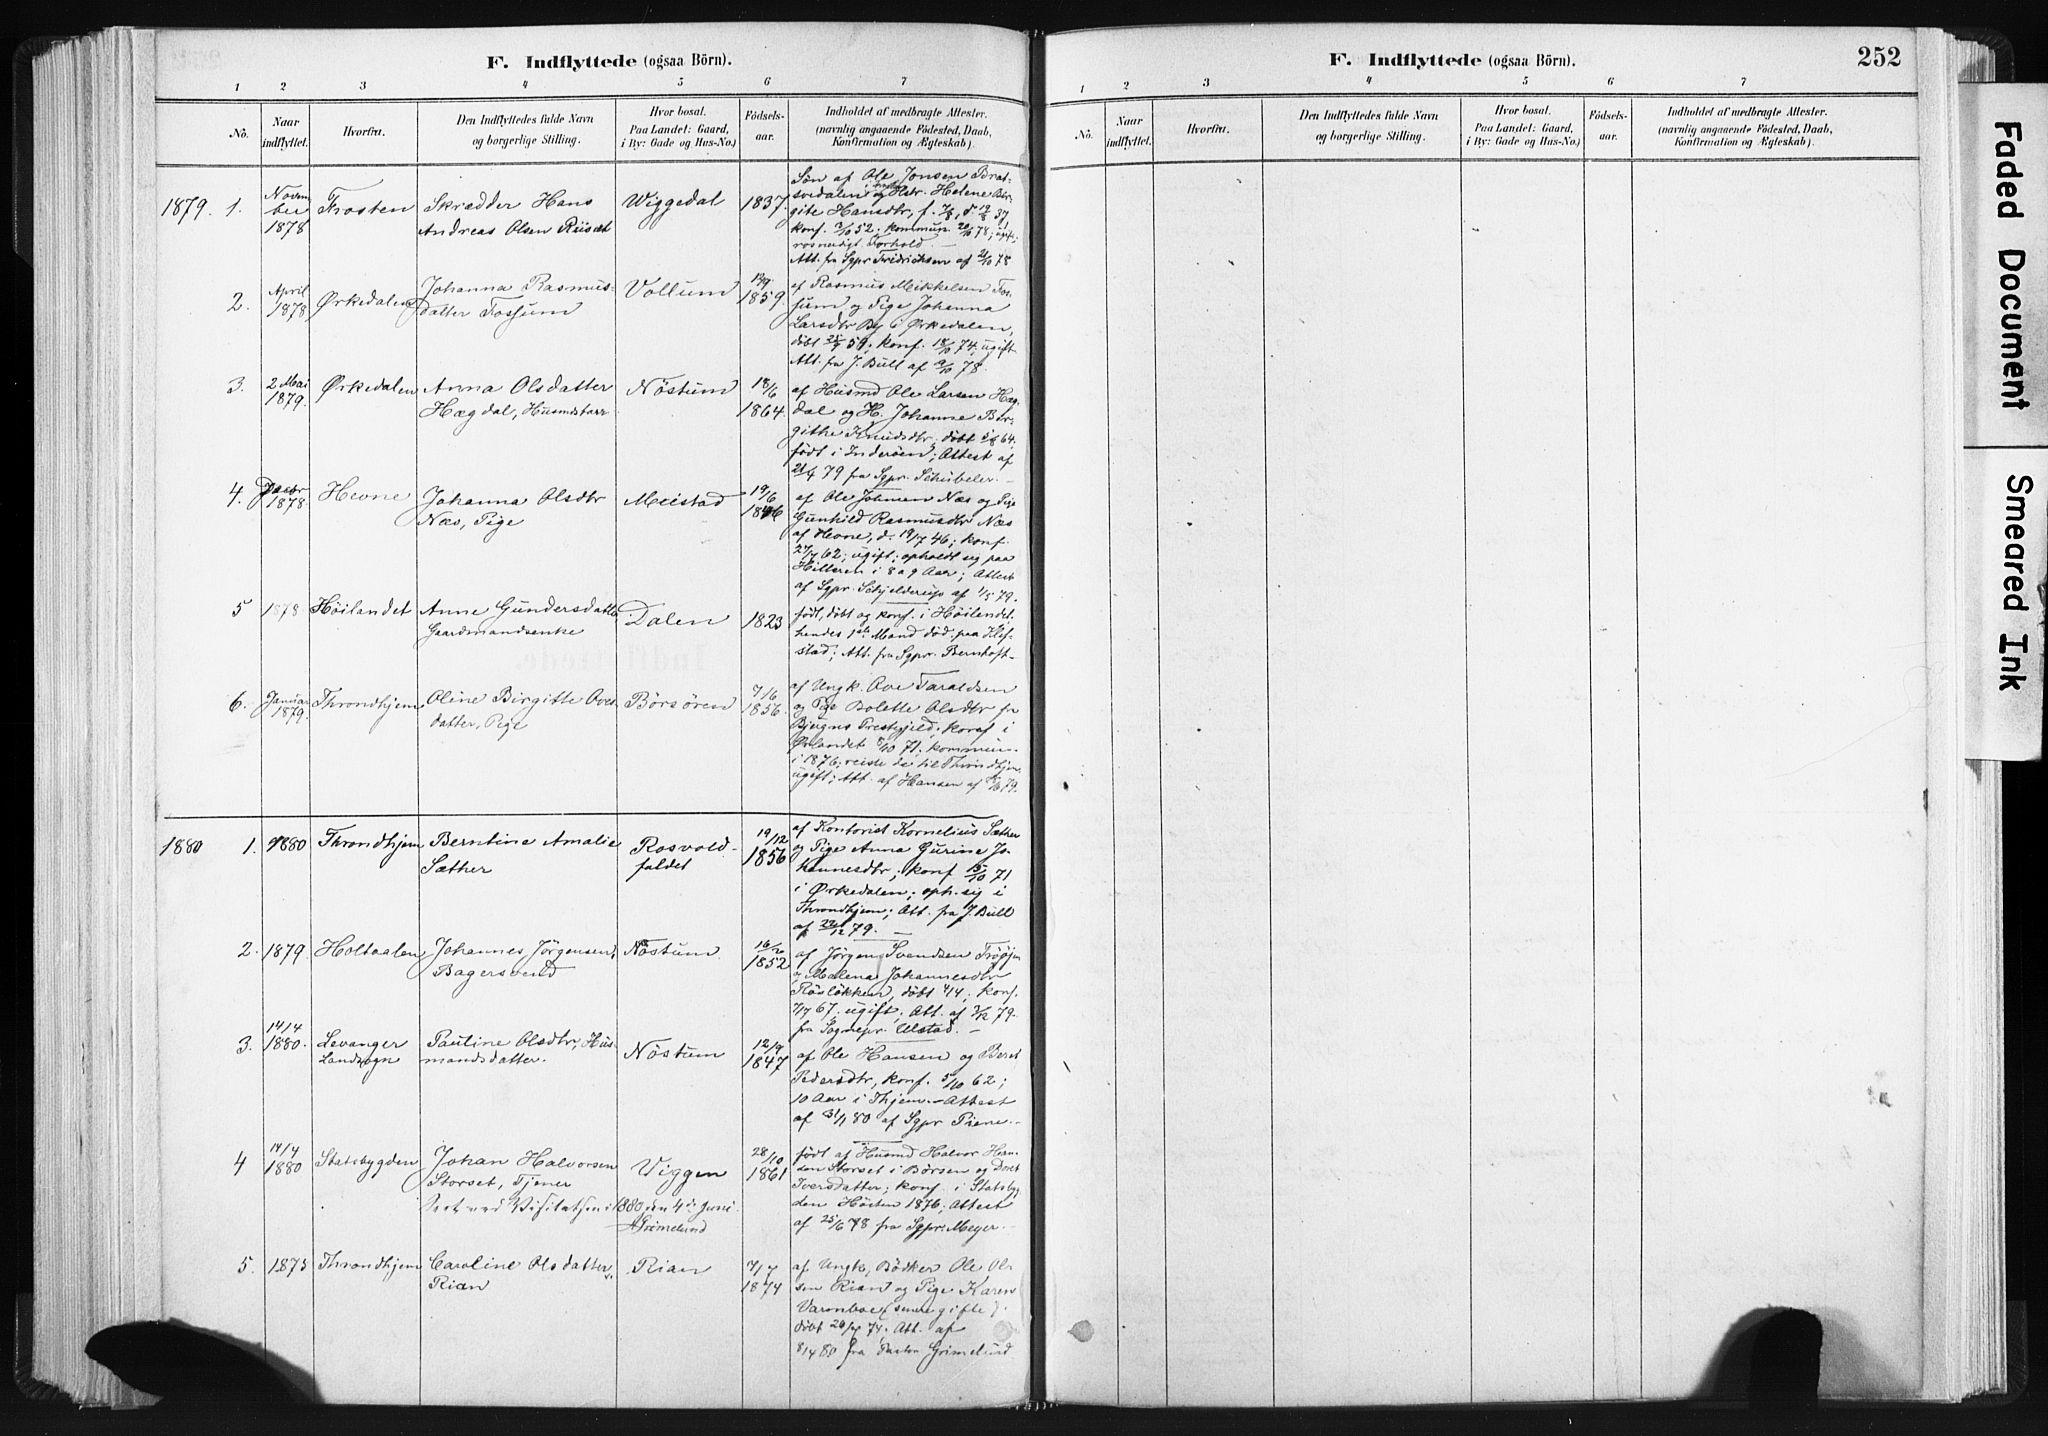 SAT, Ministerialprotokoller, klokkerbøker og fødselsregistre - Sør-Trøndelag, 665/L0773: Ministerialbok nr. 665A08, 1879-1905, s. 252